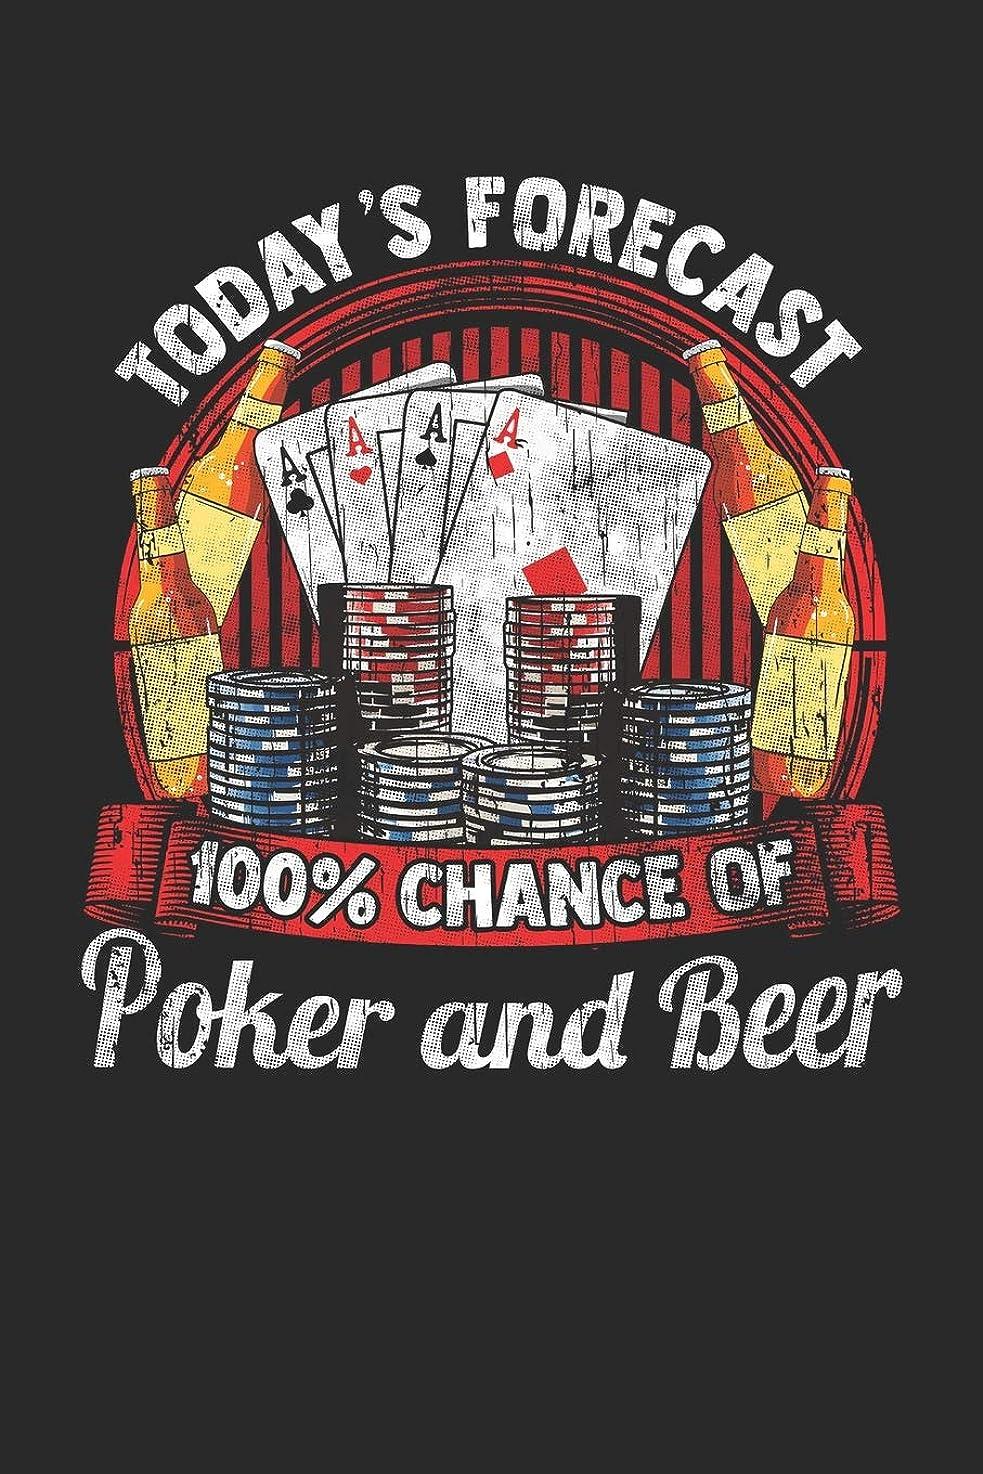 精神的に施設統計的Today's Forecast 100% Chance of Poker and Beer: Journal, College Ruled Lined Paper, 120 pages, 6 x 9